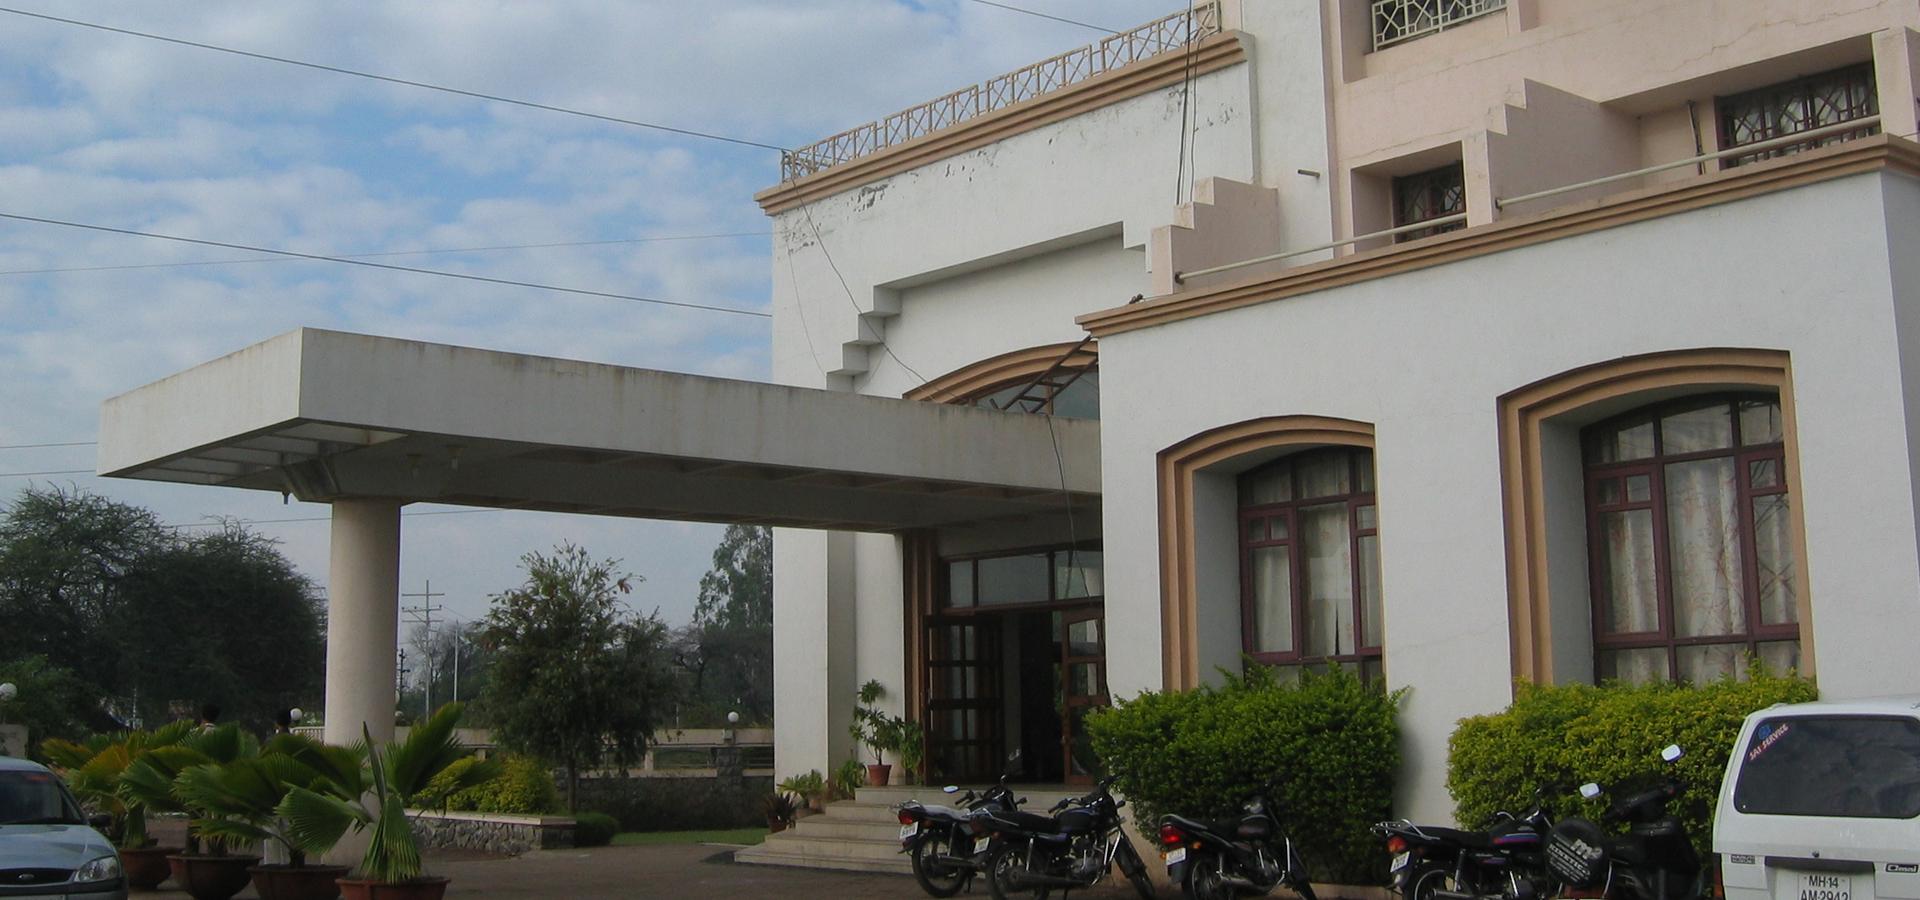 Peer-to-peer advisory in Baramati, Maharashtra, India